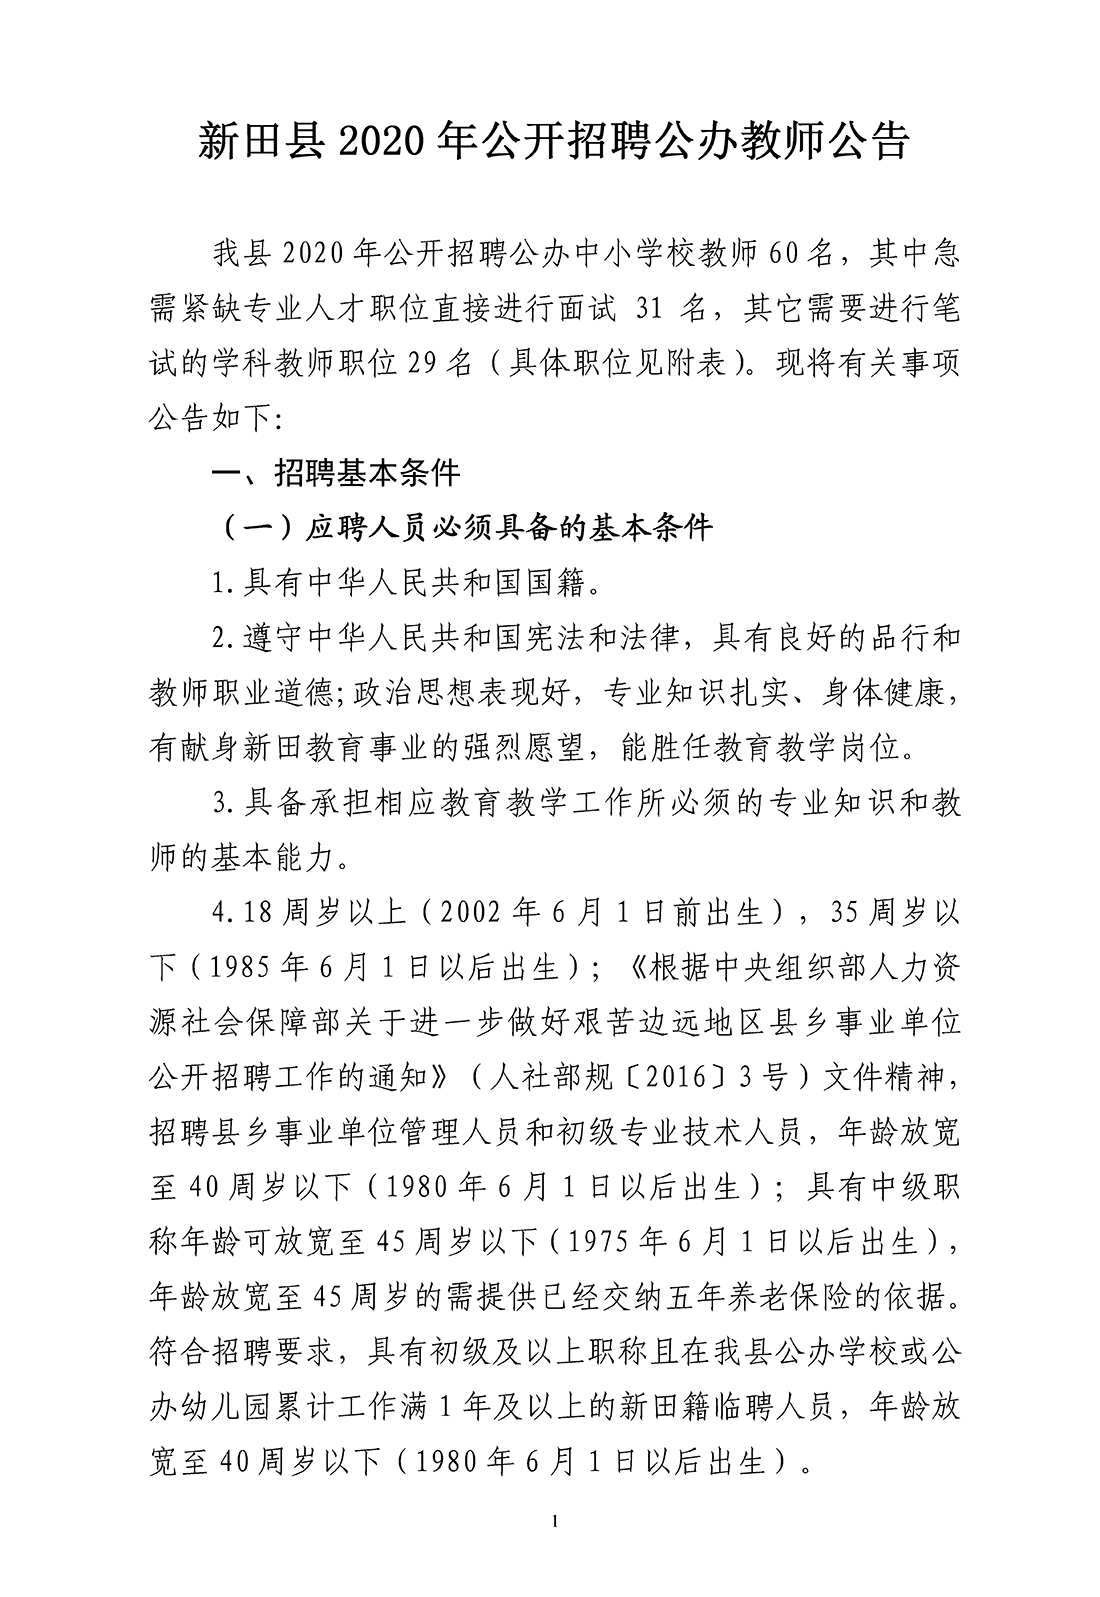 2020年永州市新田县招聘公办教师公告图1